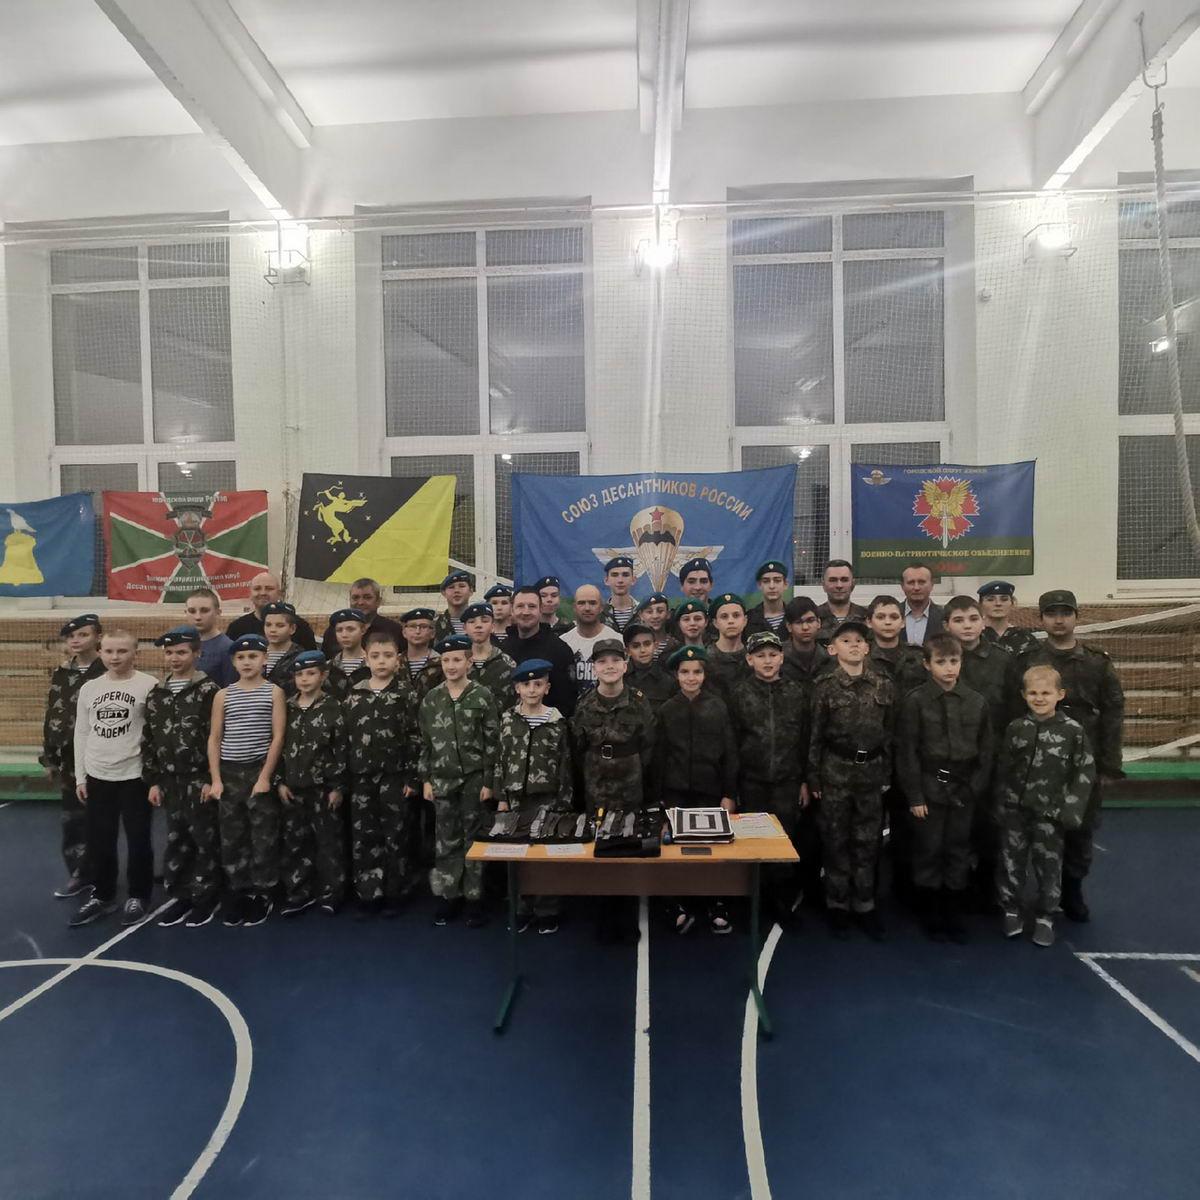 «Союз Десантников России» приняли участие в «Мастер-классе по спортивному метанию ножей»